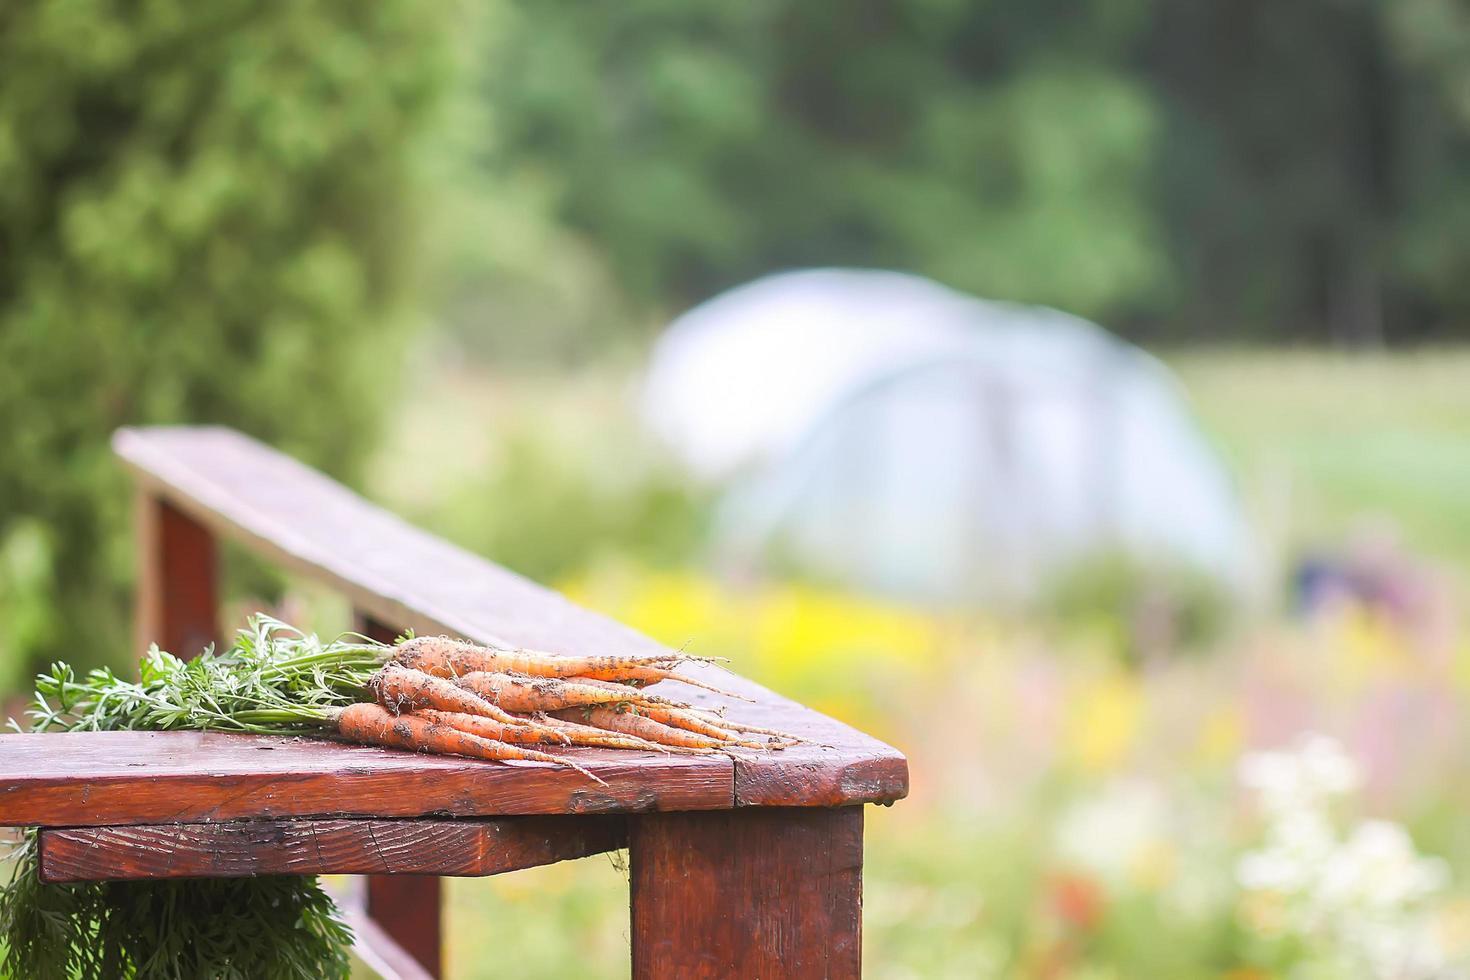 Tas de carottes cueillies dans le jardin photo